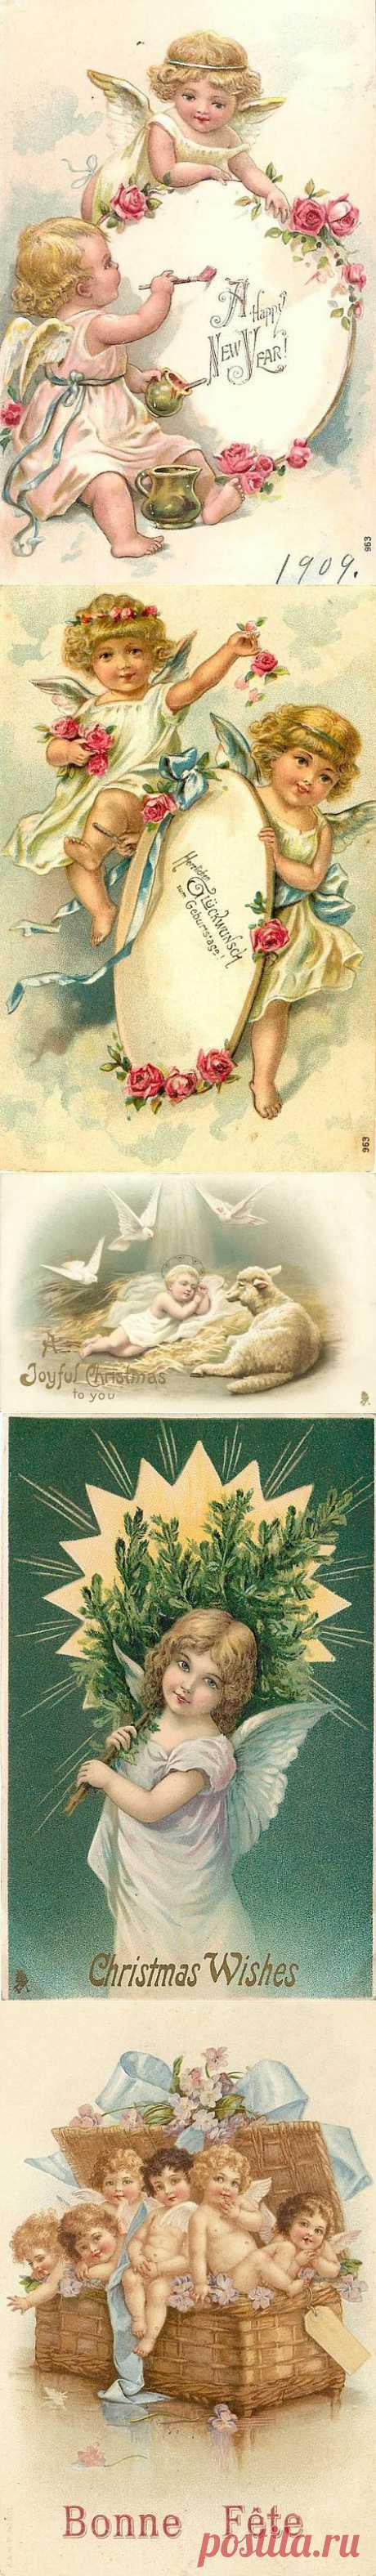 Картинки для декупажа. Рождественские ангелочки / Декупаж. Работы пользователей / PassionForum - мастер-классы по рукоделию